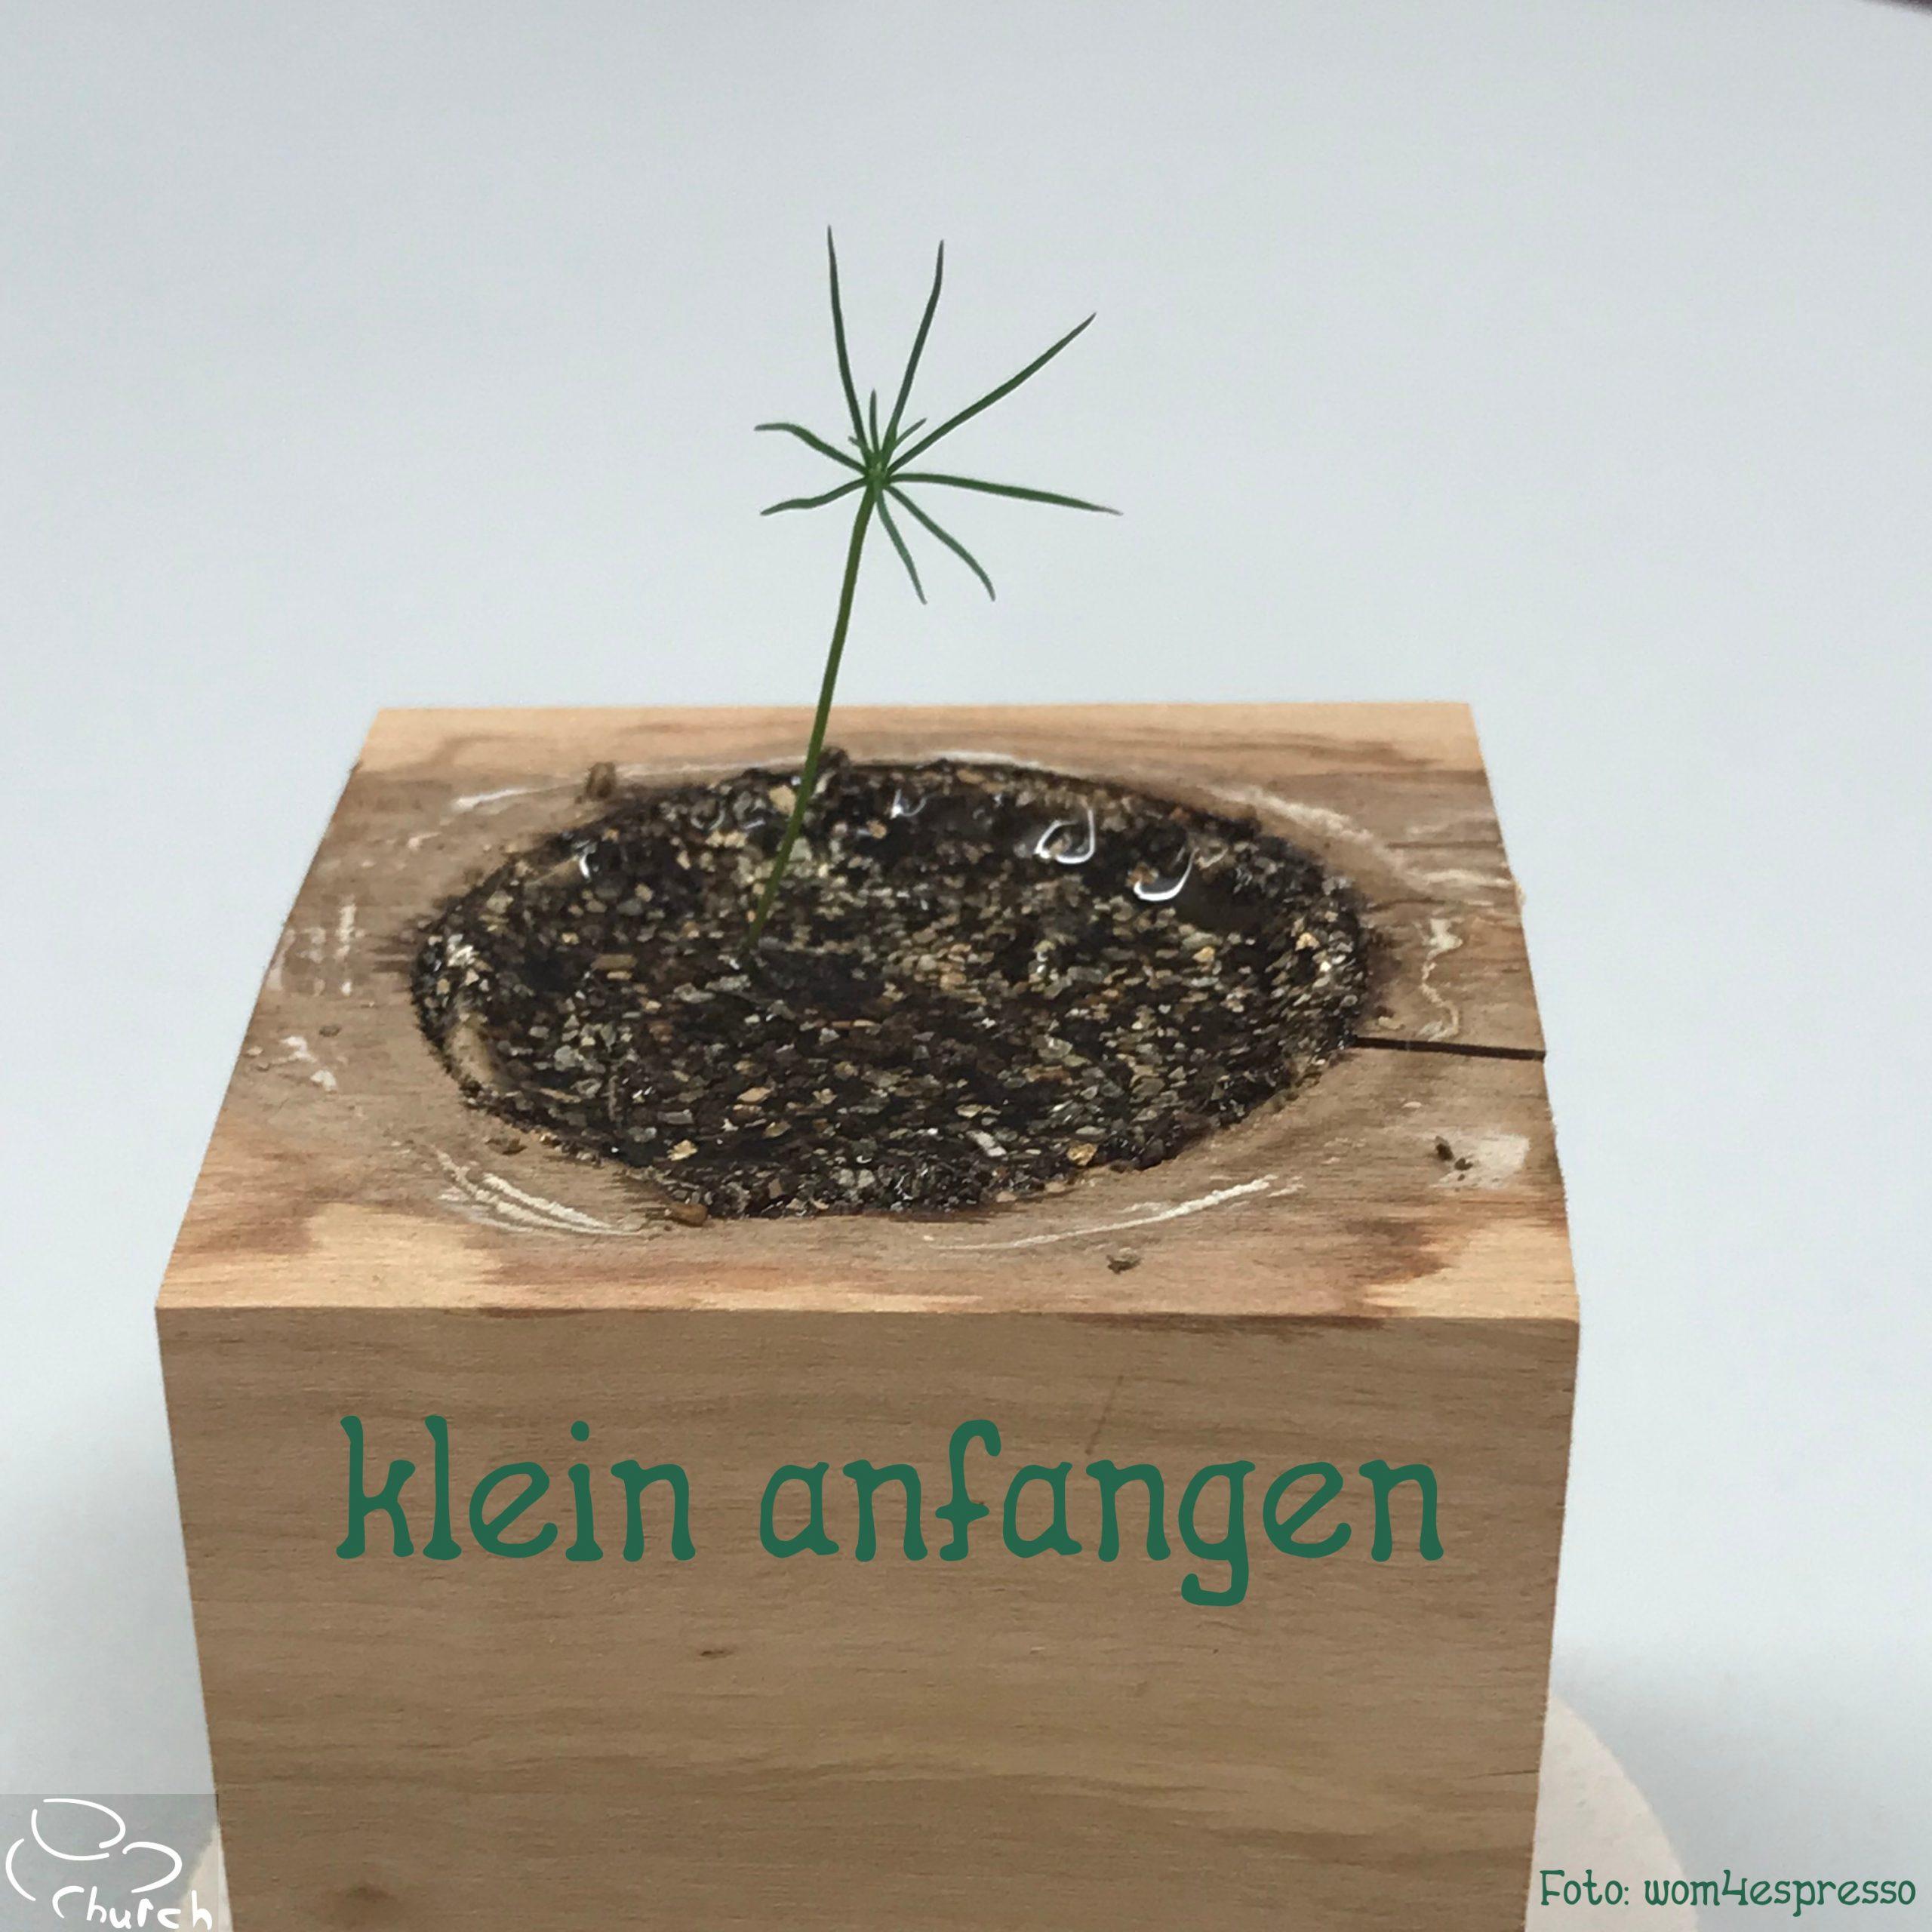 KLEIN ANFANGEN